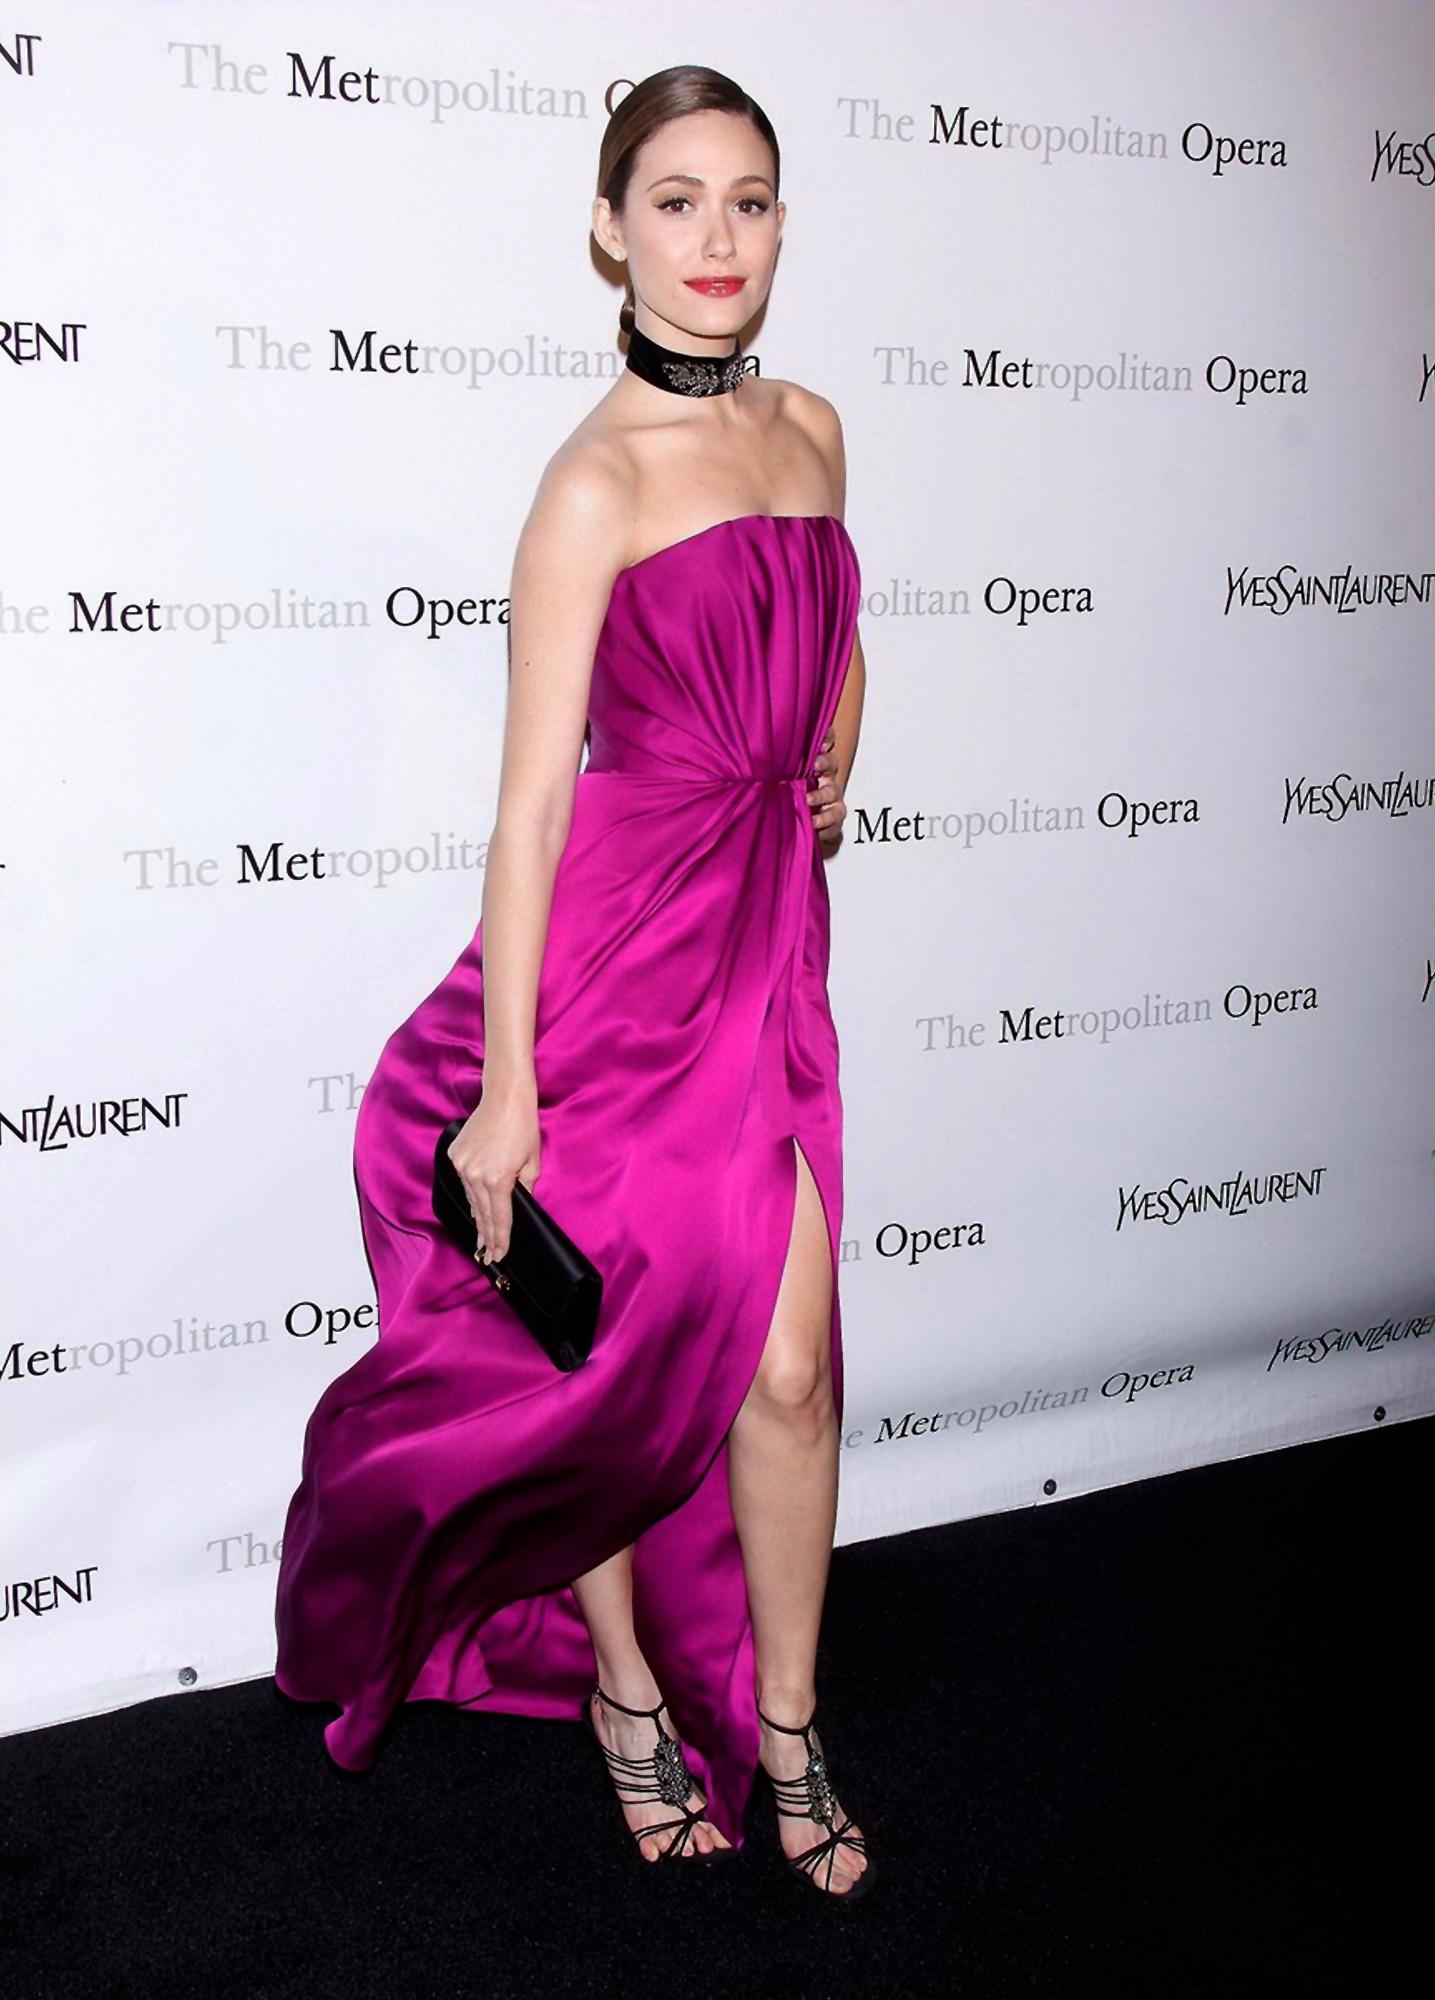 Emmy Rossum Premie 1 - Emmy Rossum